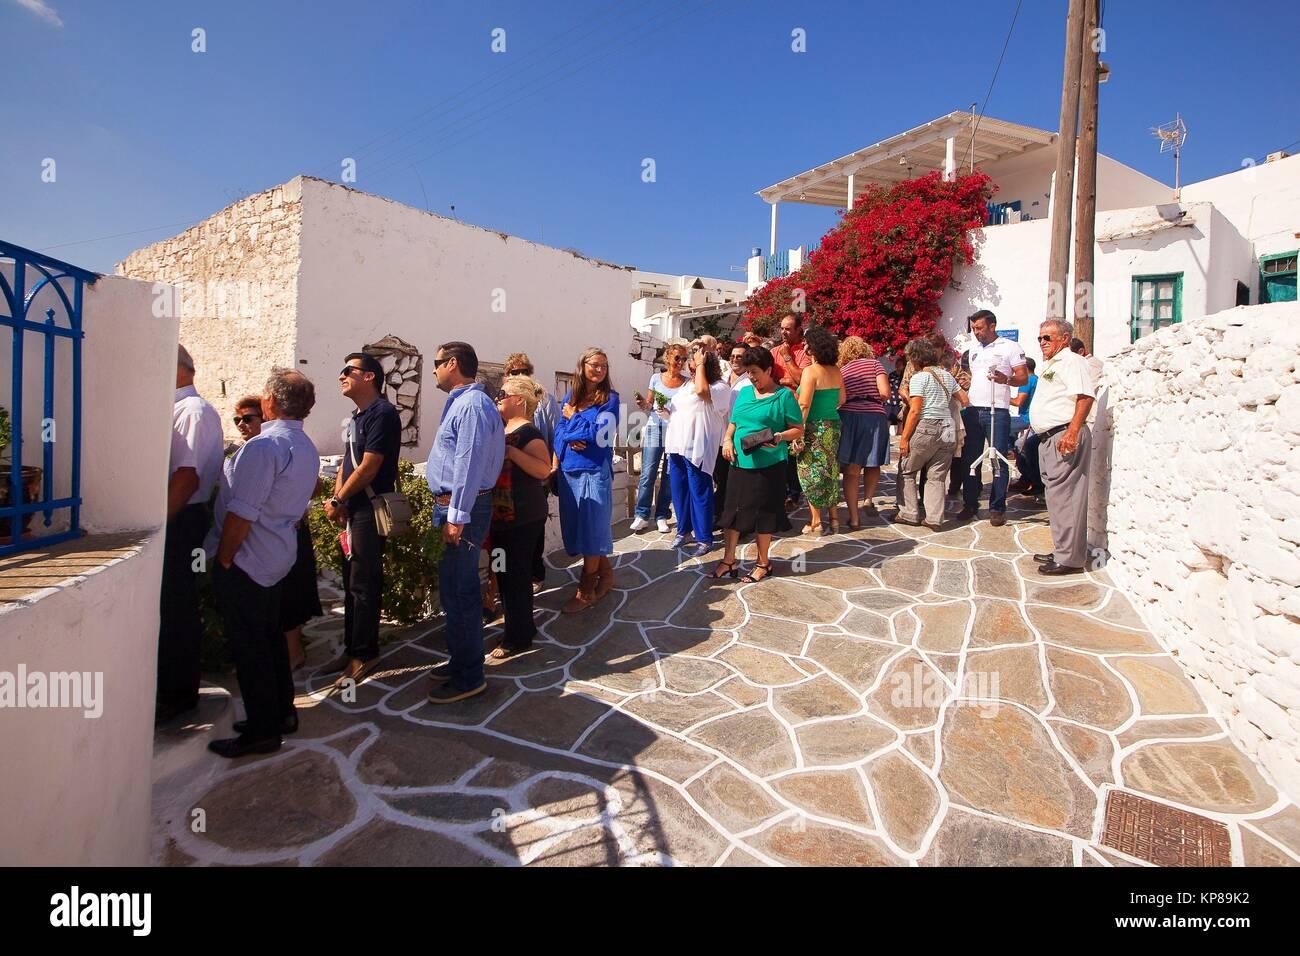 La gente local celebrando una festividad tradicional en la zona, Kastro-Castle Sikinos, Islas Cícladas, Las Imagen De Stock